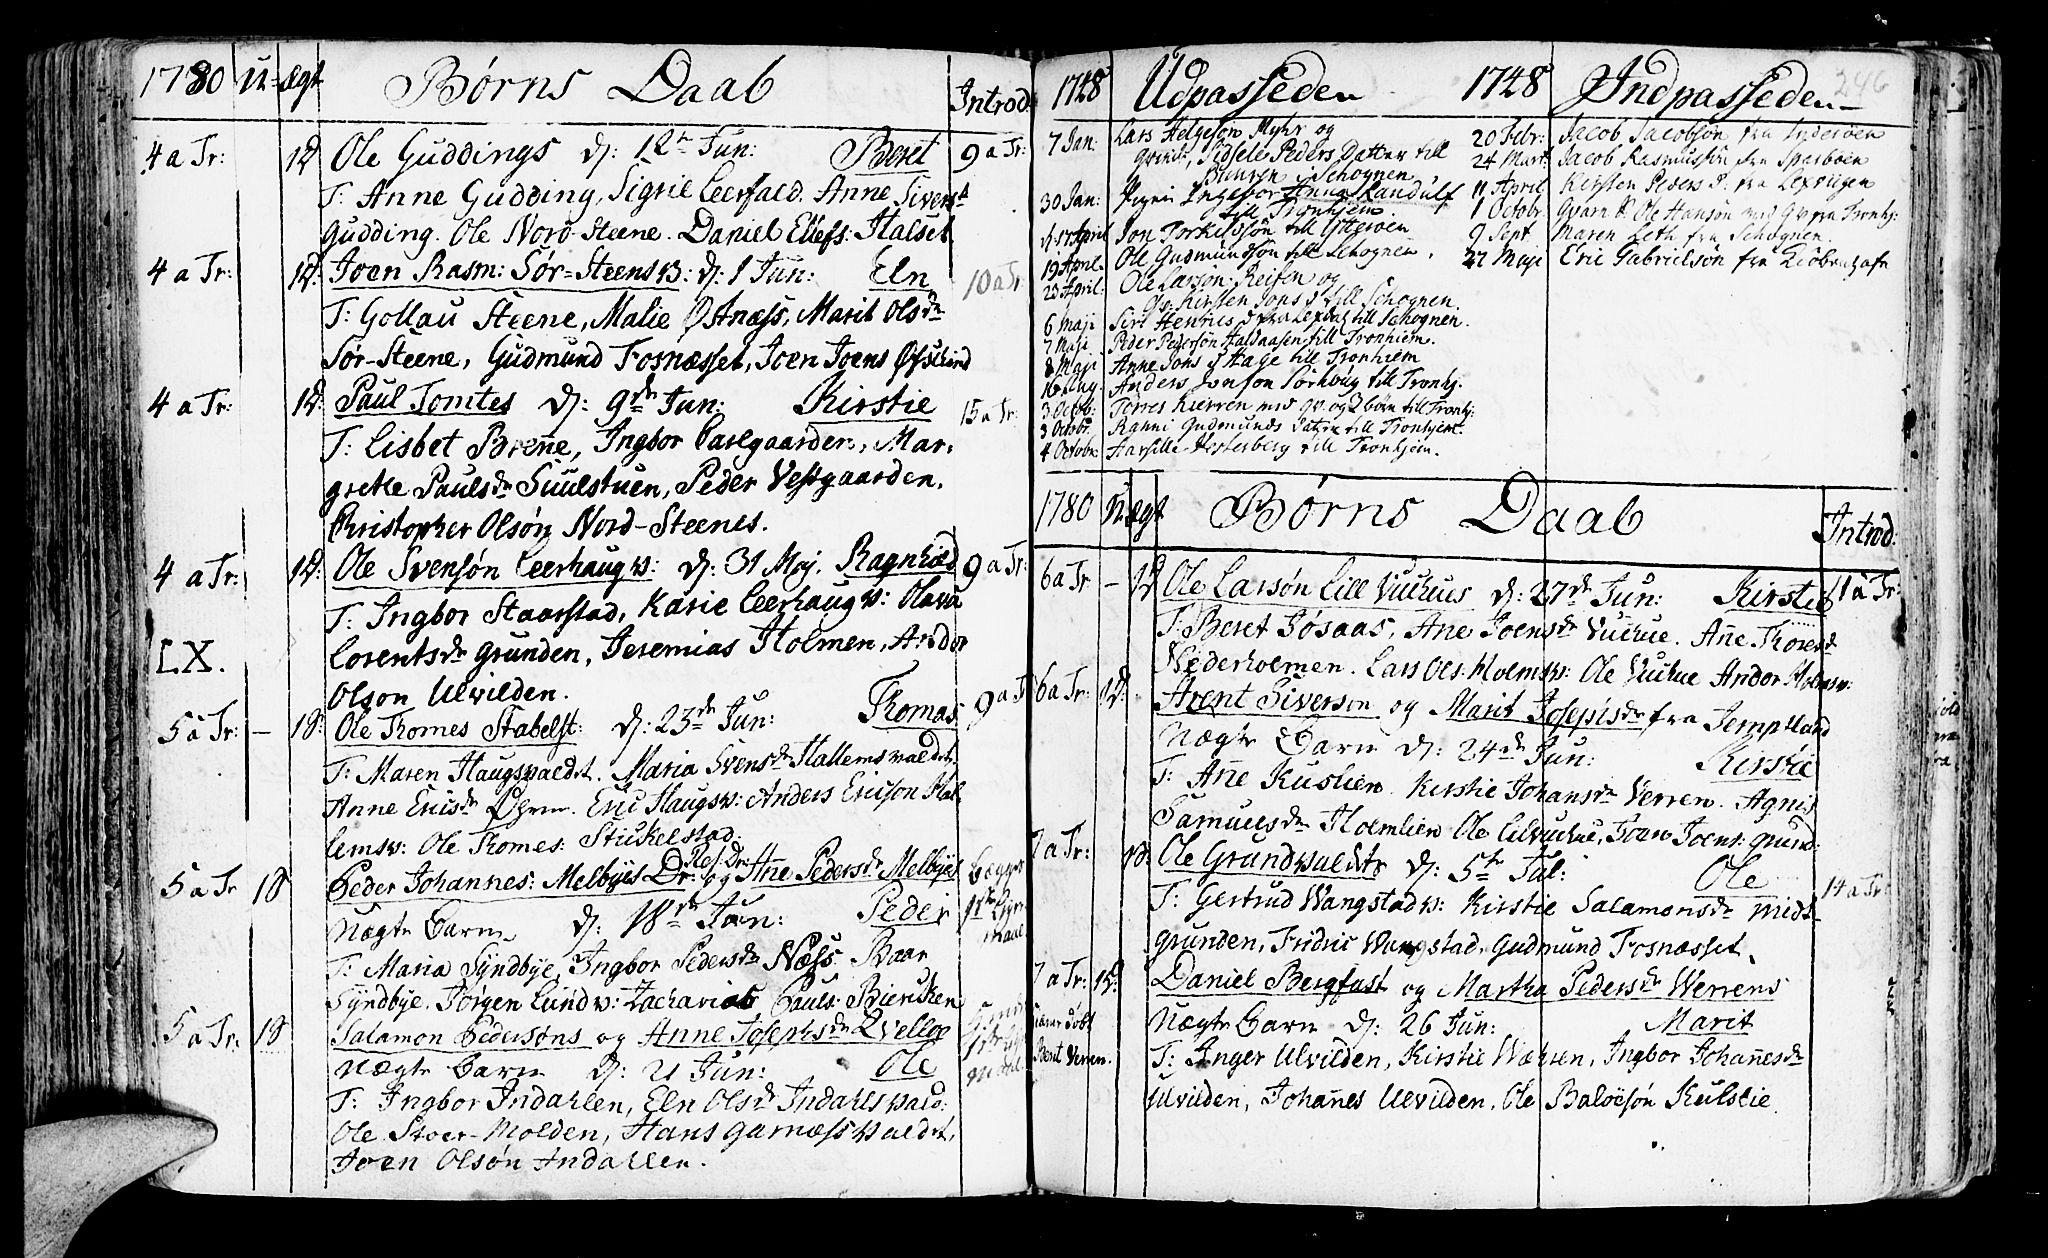 SAT, Ministerialprotokoller, klokkerbøker og fødselsregistre - Nord-Trøndelag, 723/L0231: Ministerialbok nr. 723A02, 1748-1780, s. 246